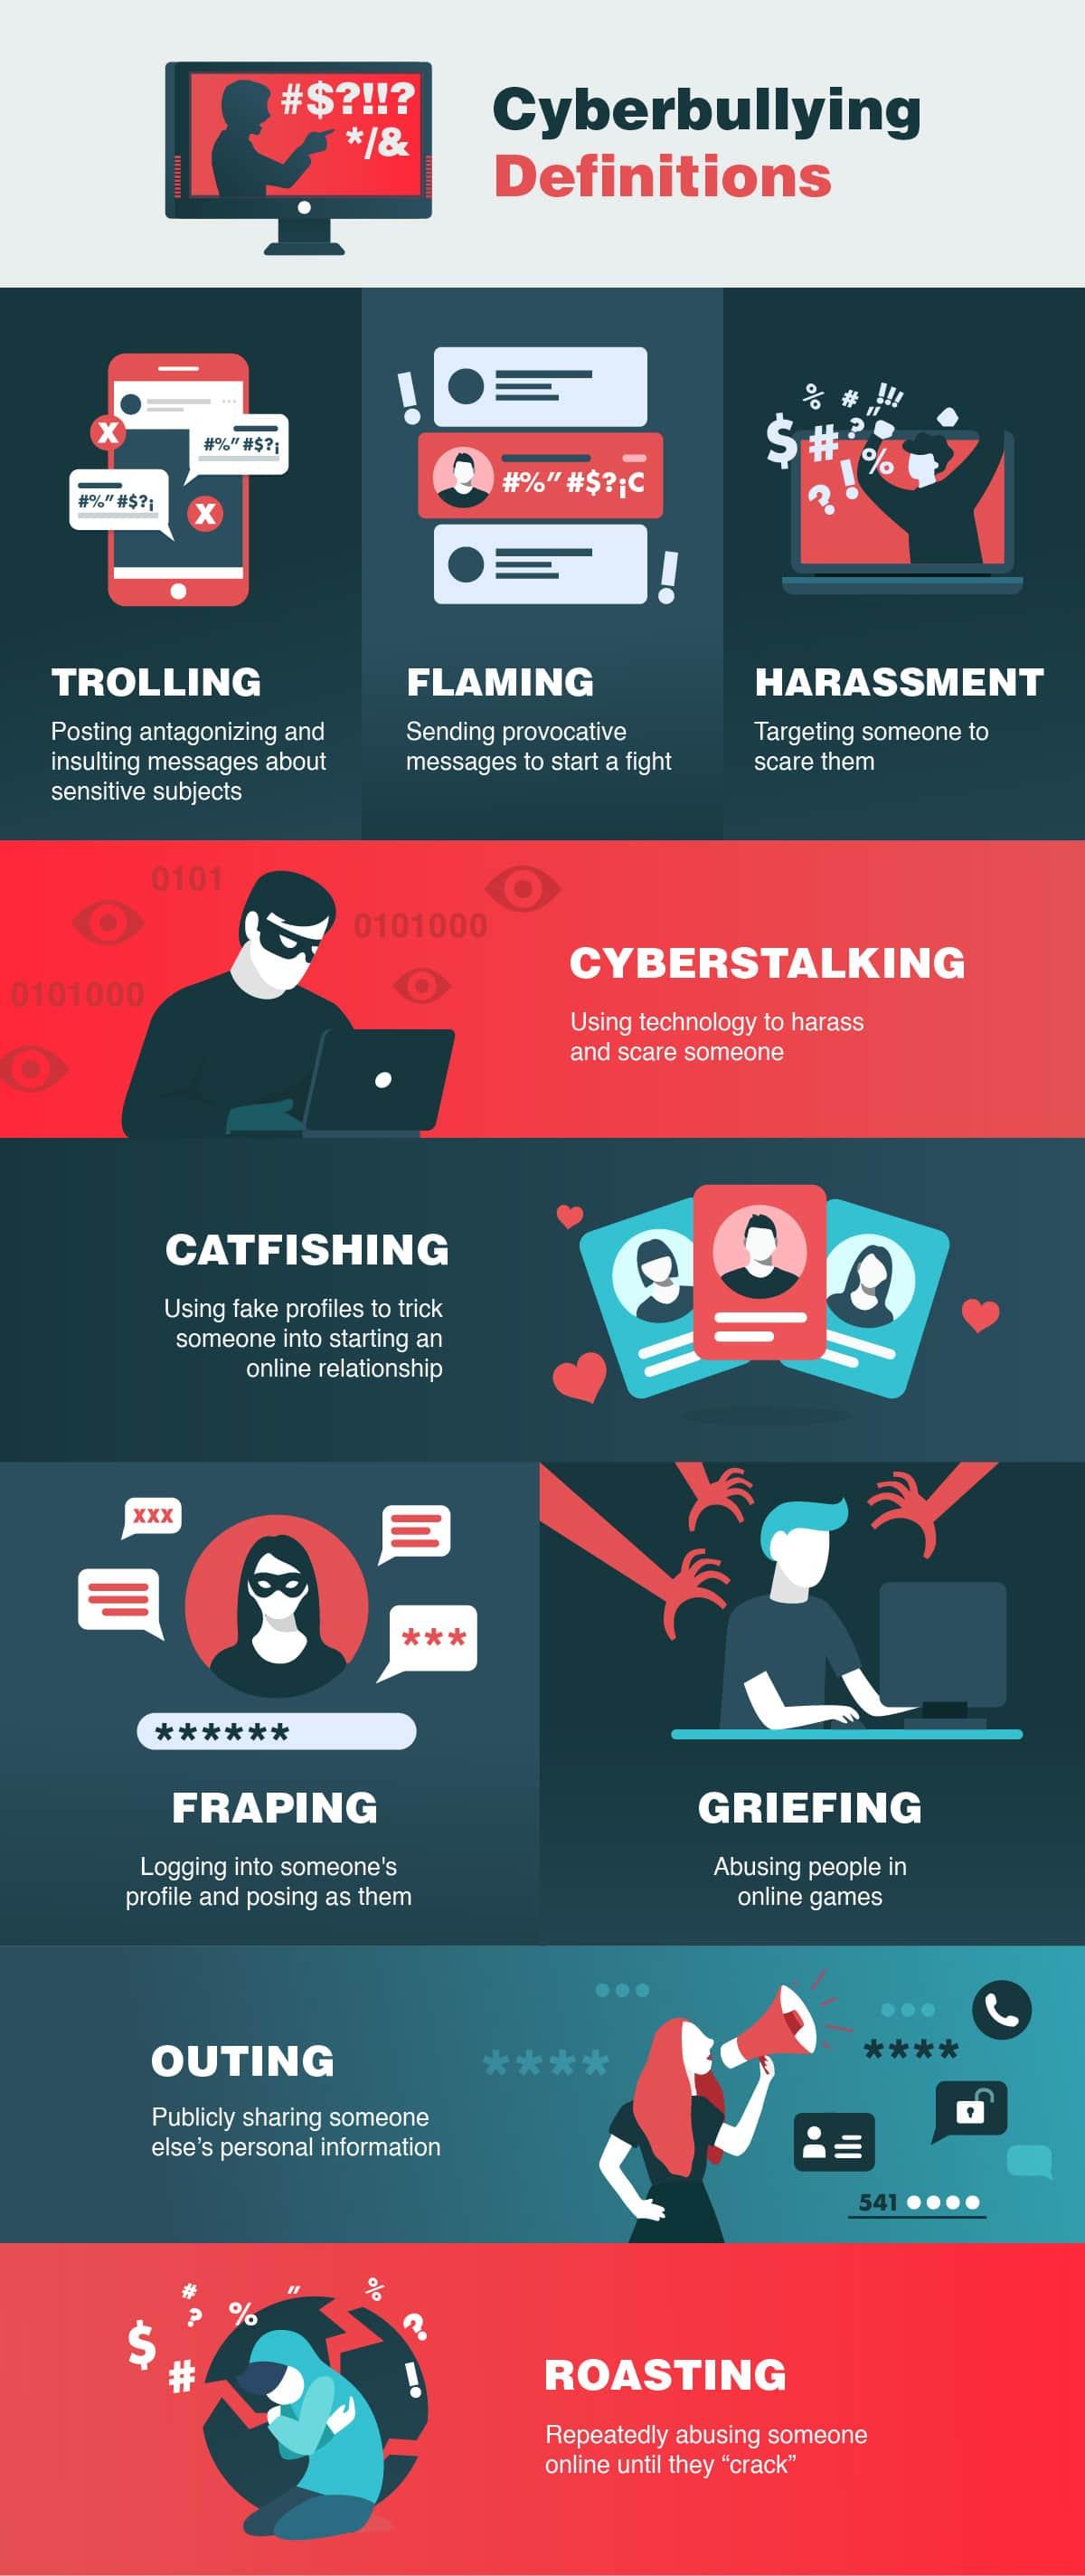 Cyberbullying definitions